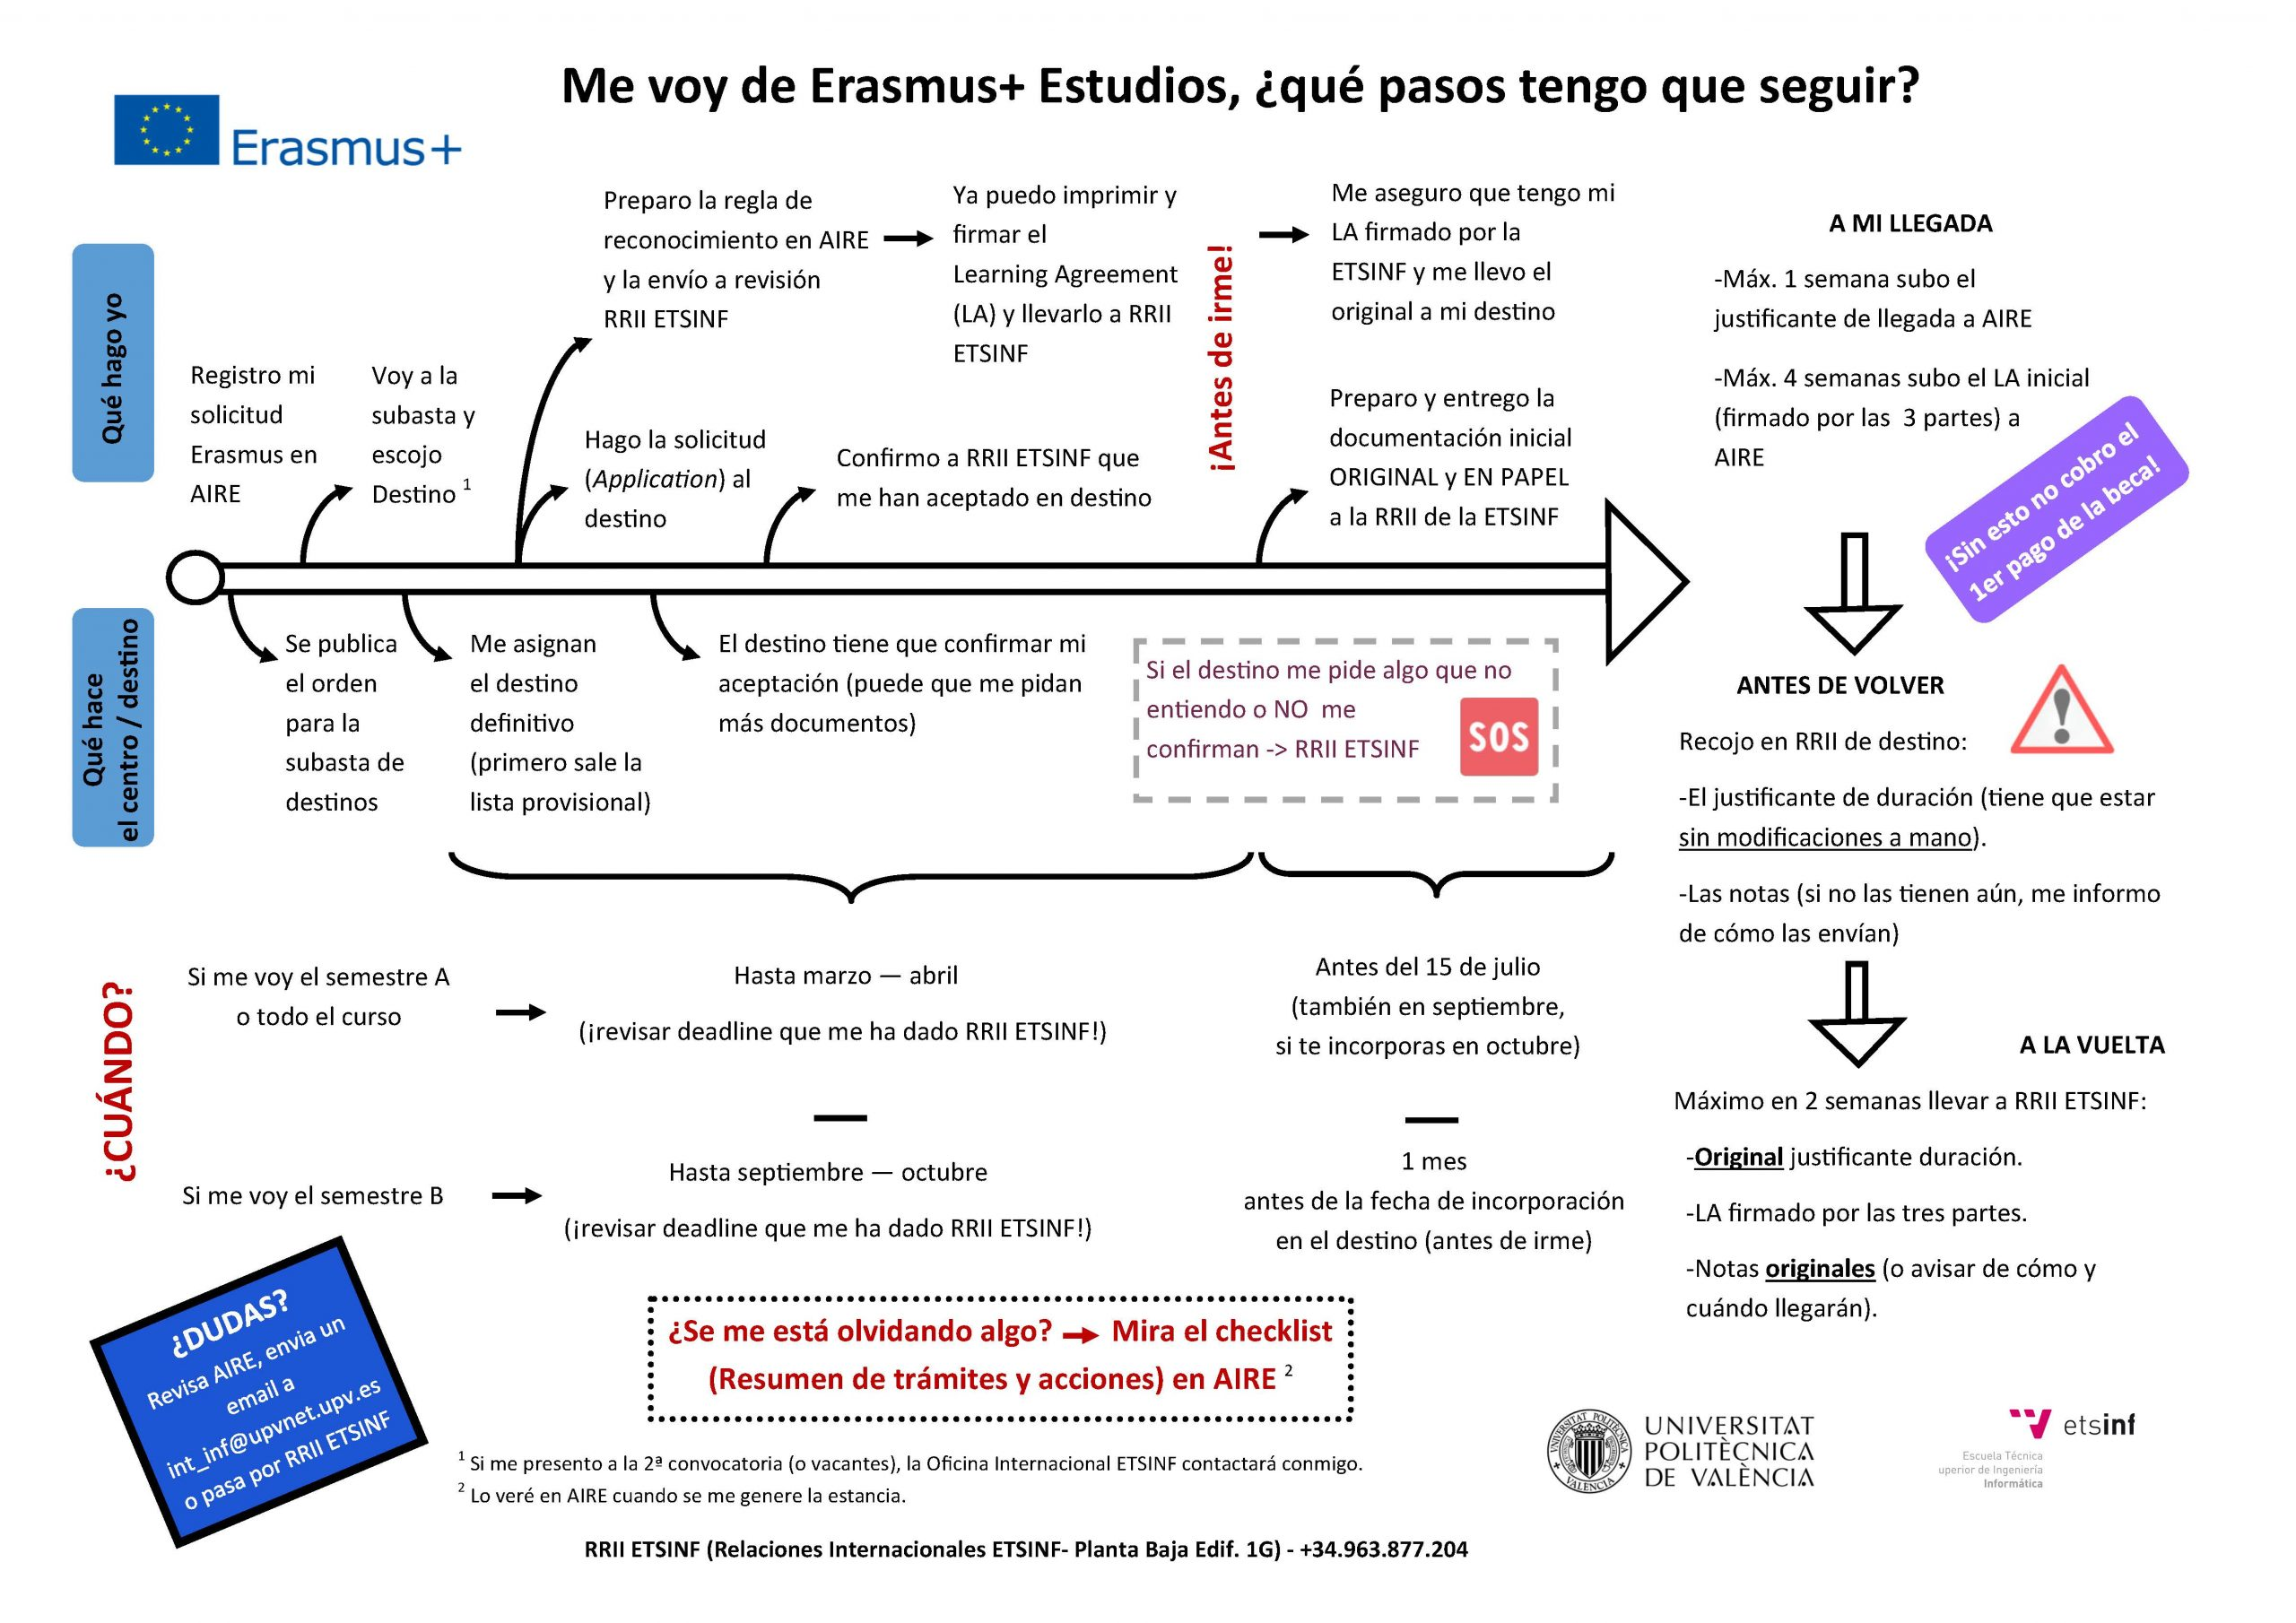 Erasmus+ pasos a seguir